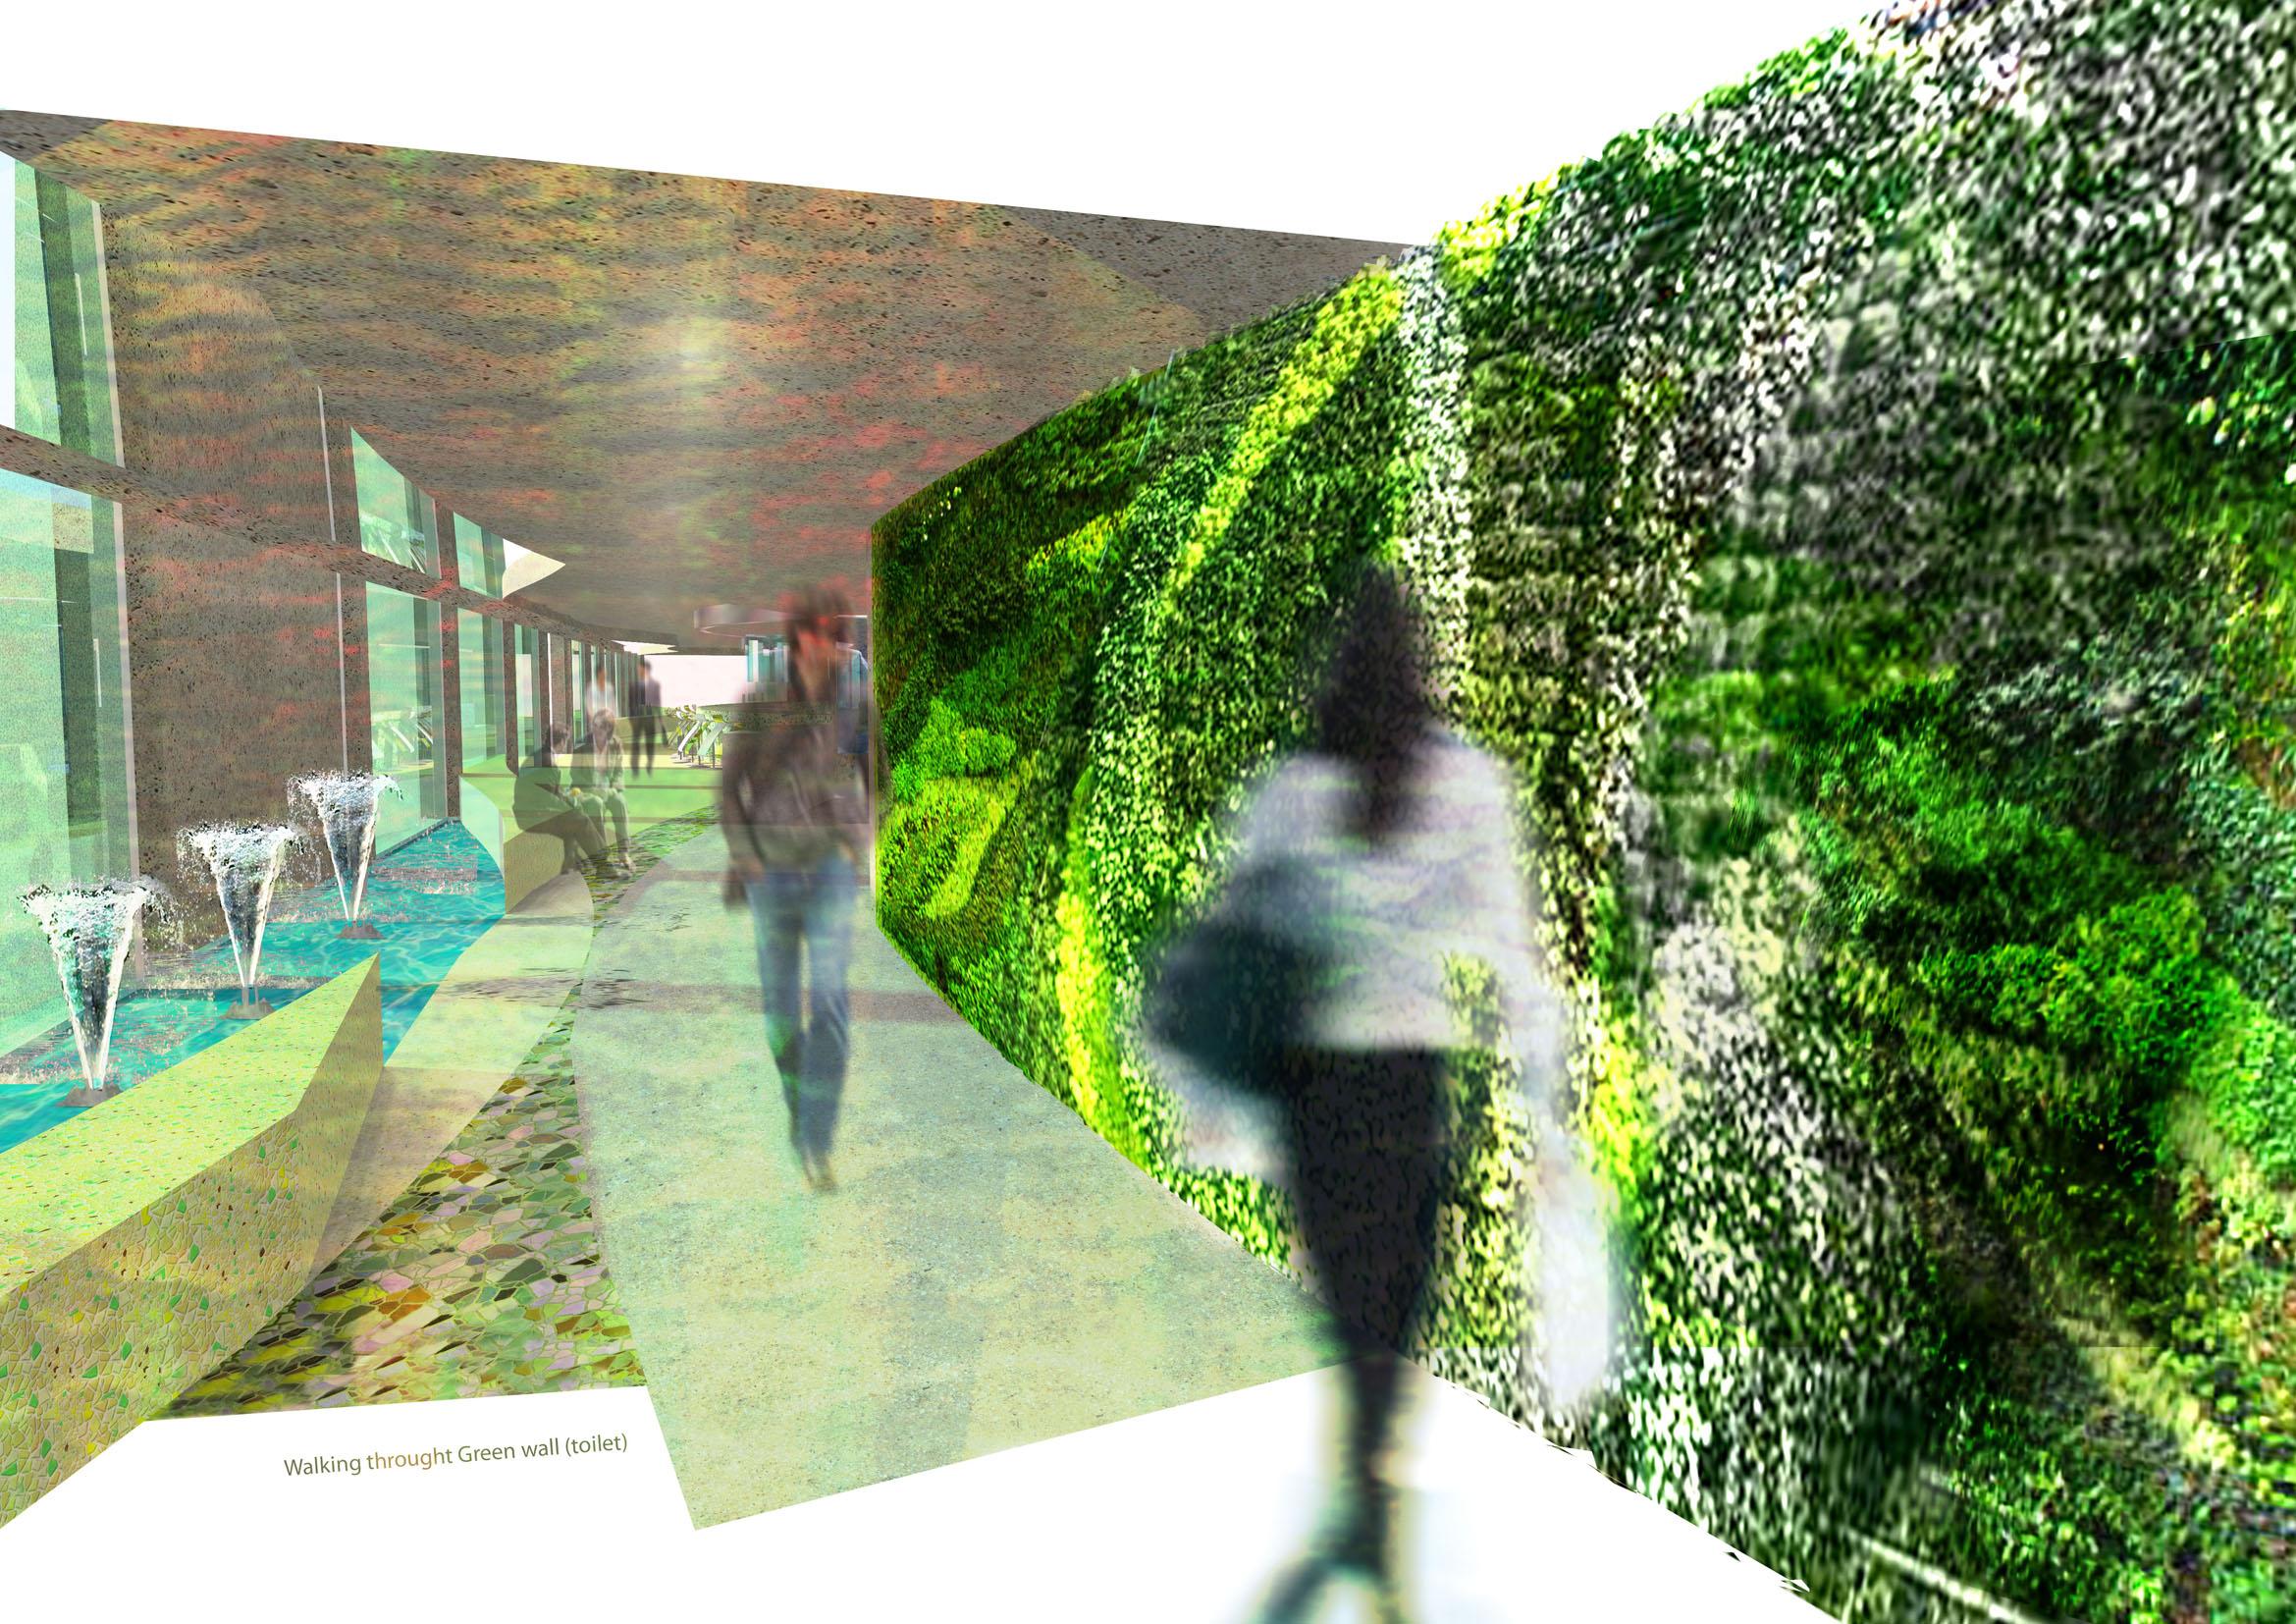 PS A4 people walking green wall (toilet area).jpg